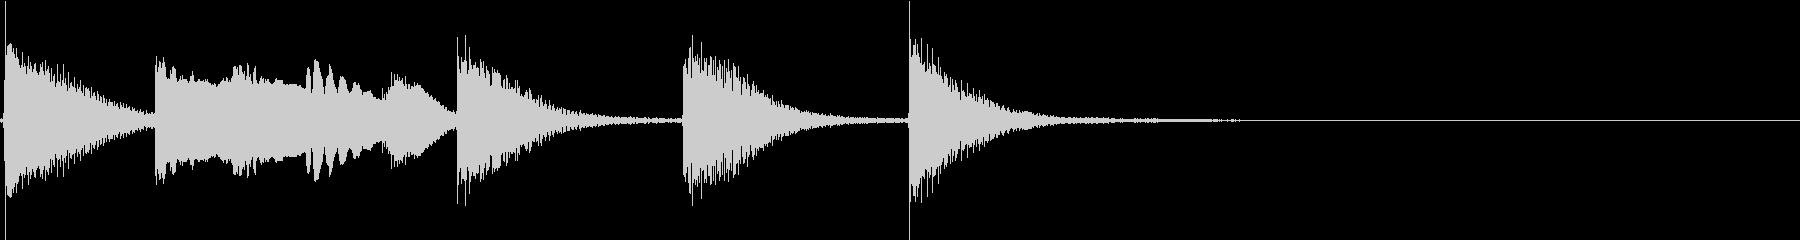 明るく かわいいピアノサウンドロゴ03の未再生の波形